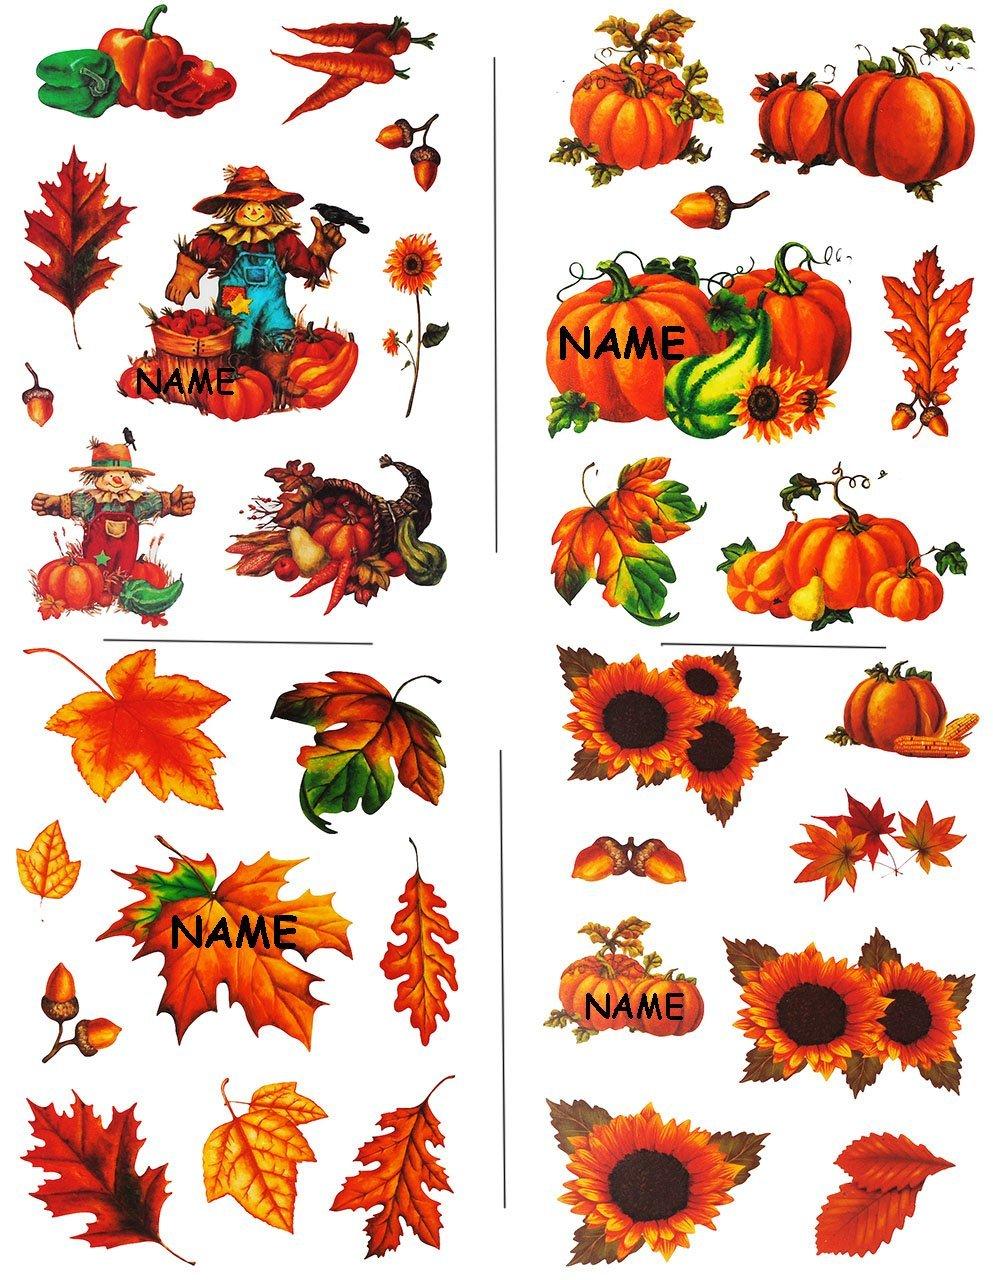 wiederverwendbar Motive Bl/ätter // Vogelscheuche Laubbl/ätter // Sonnenblume // K/ürbis Herbst Unbekannt 1 Bogen: statisch haftende Fensterbilder selbstklebe..